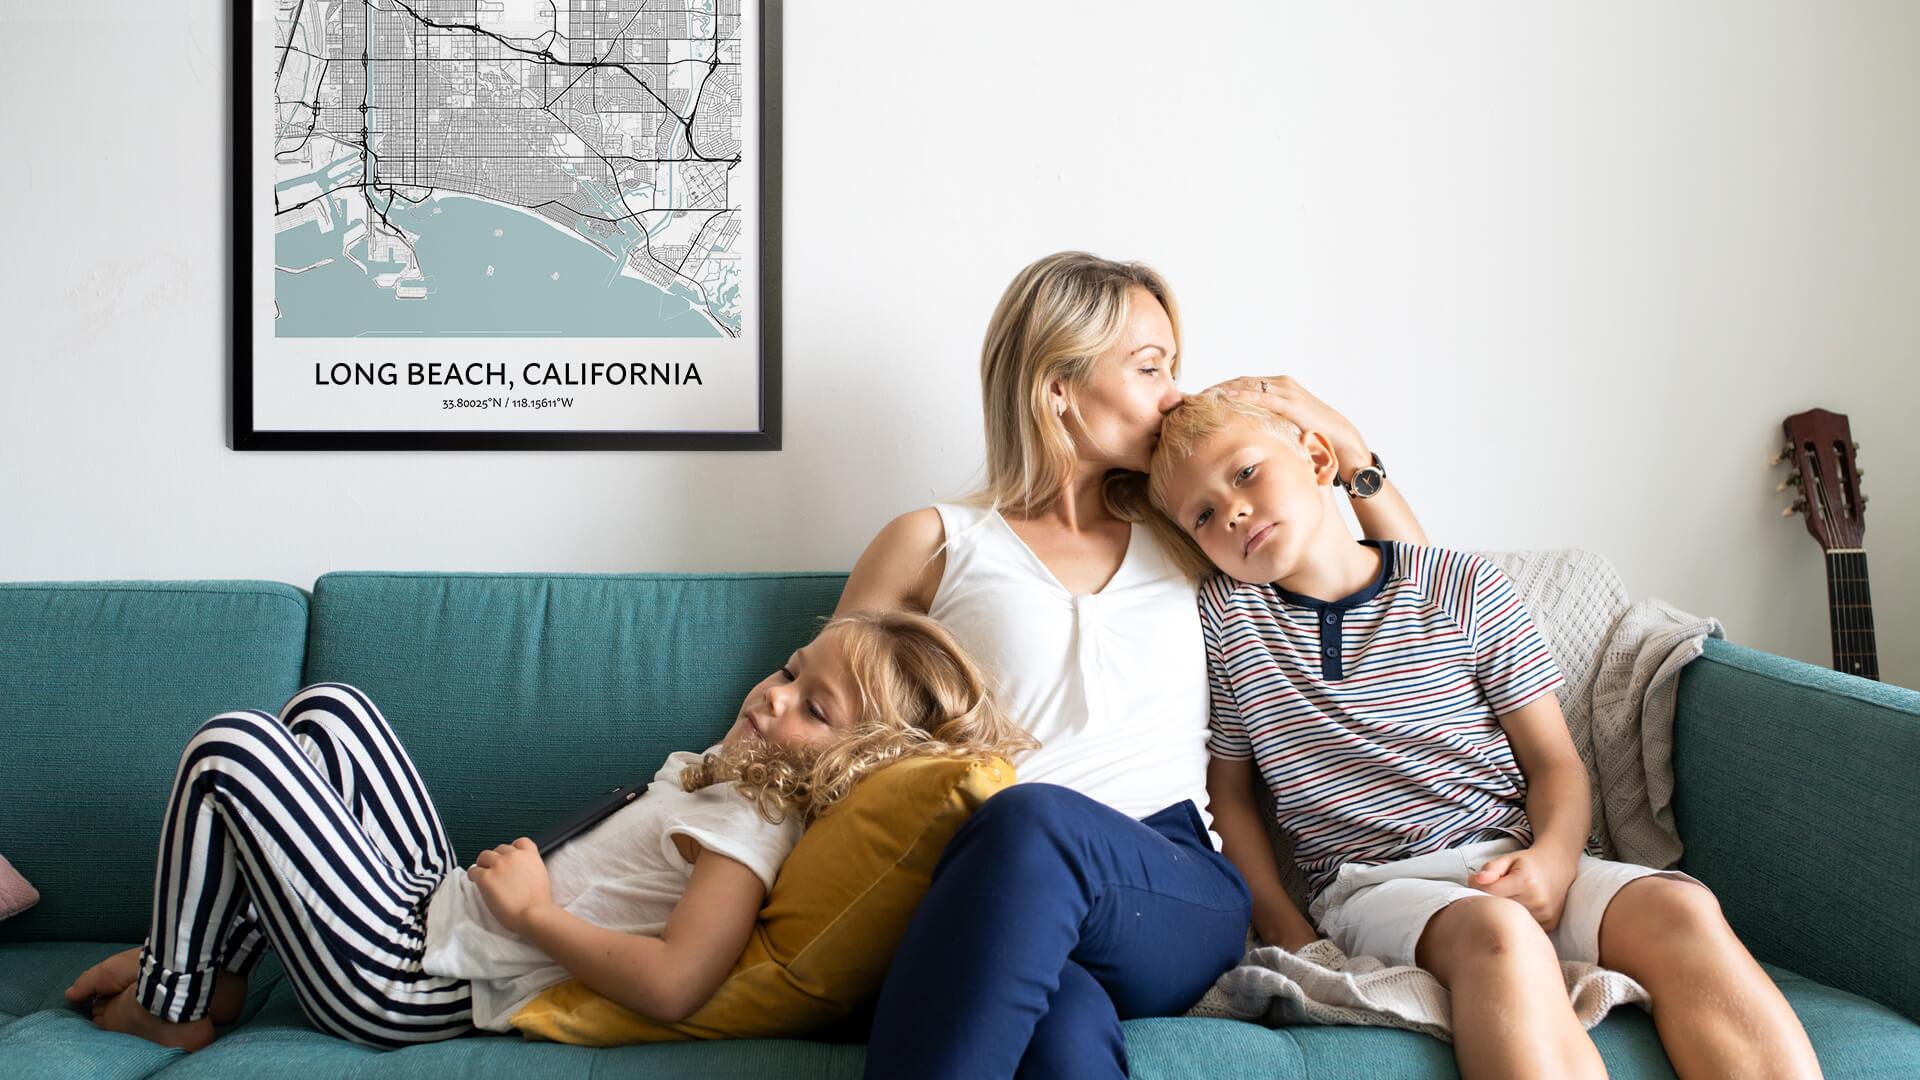 Long Beach map poster